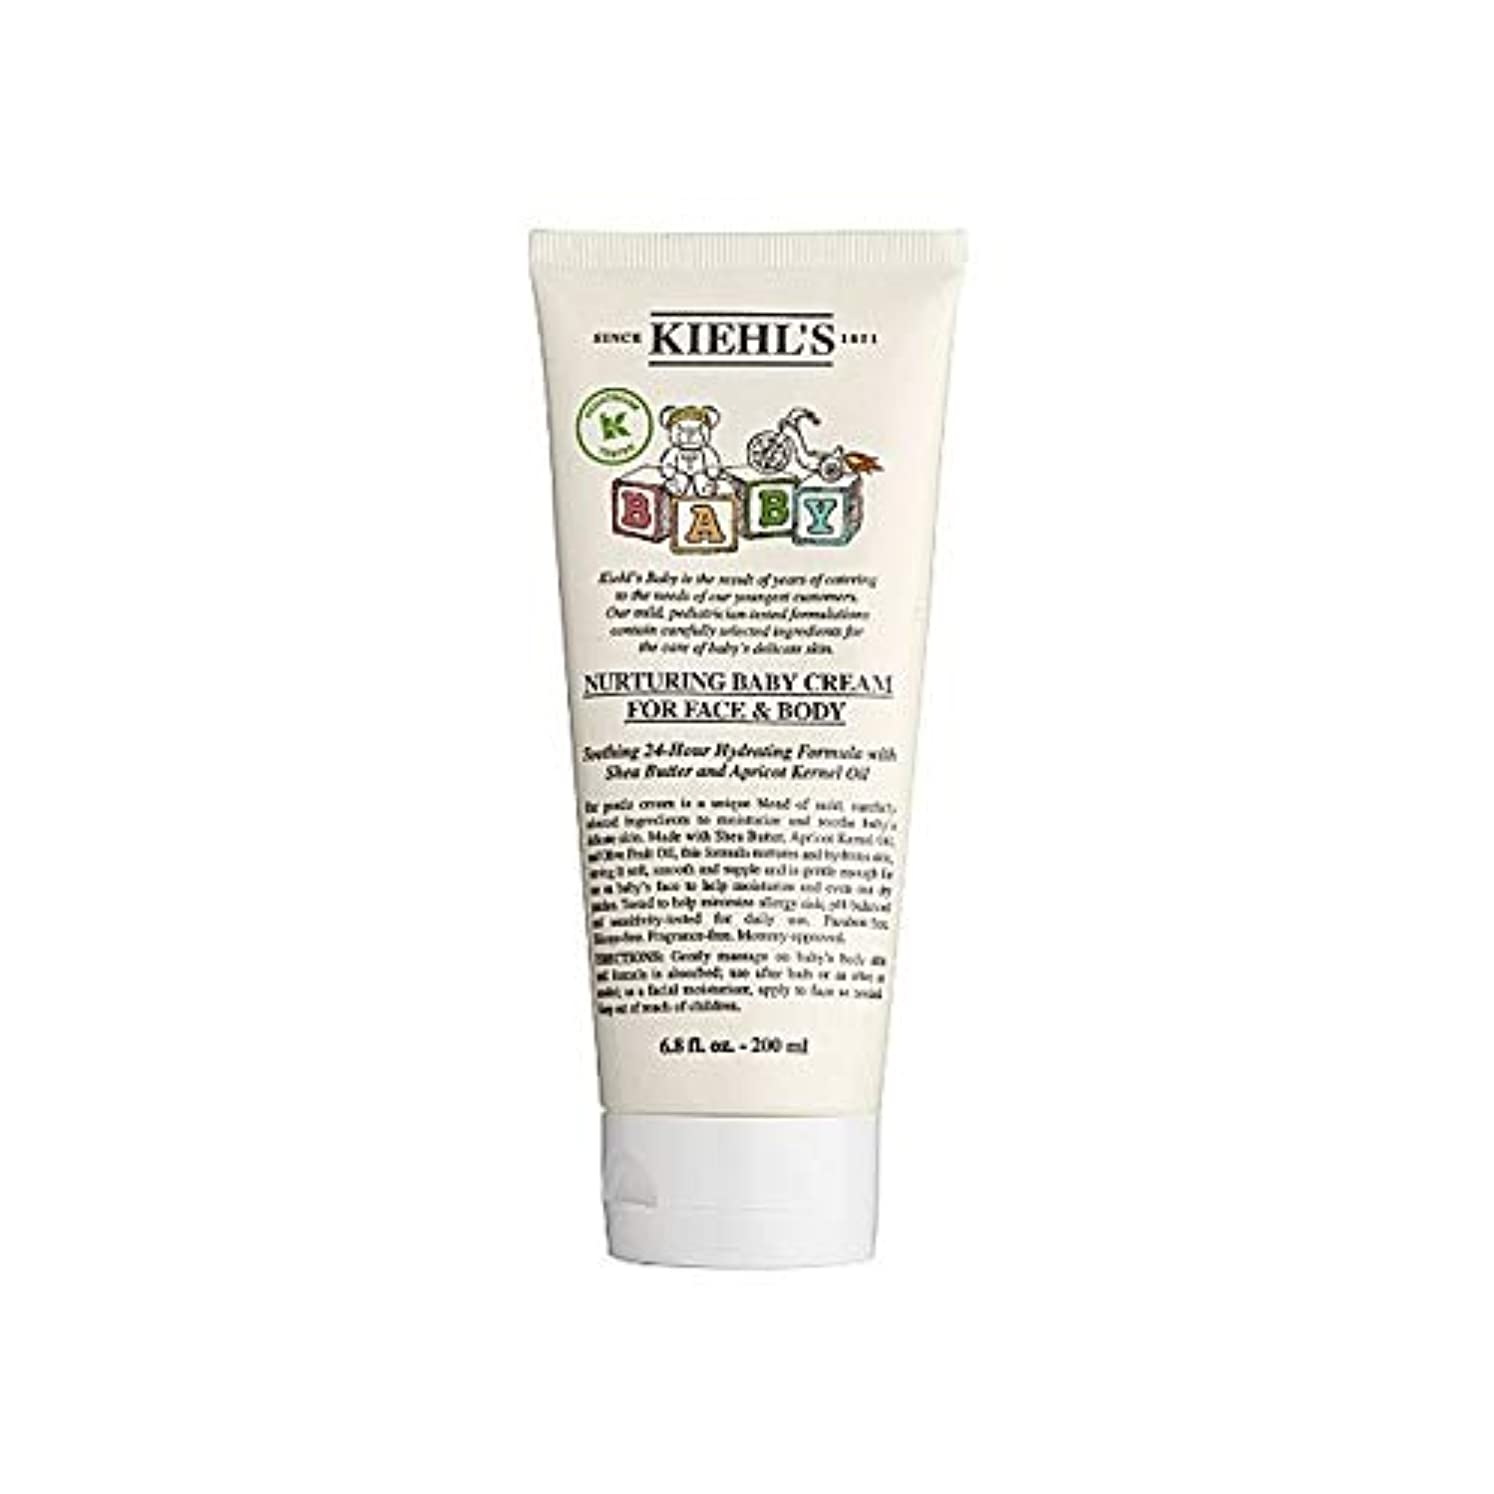 延期する腹風刺[Kiehl's ] キールズベビークリーム200ミリリットル - Kiehl's Baby Cream 200ml [並行輸入品]